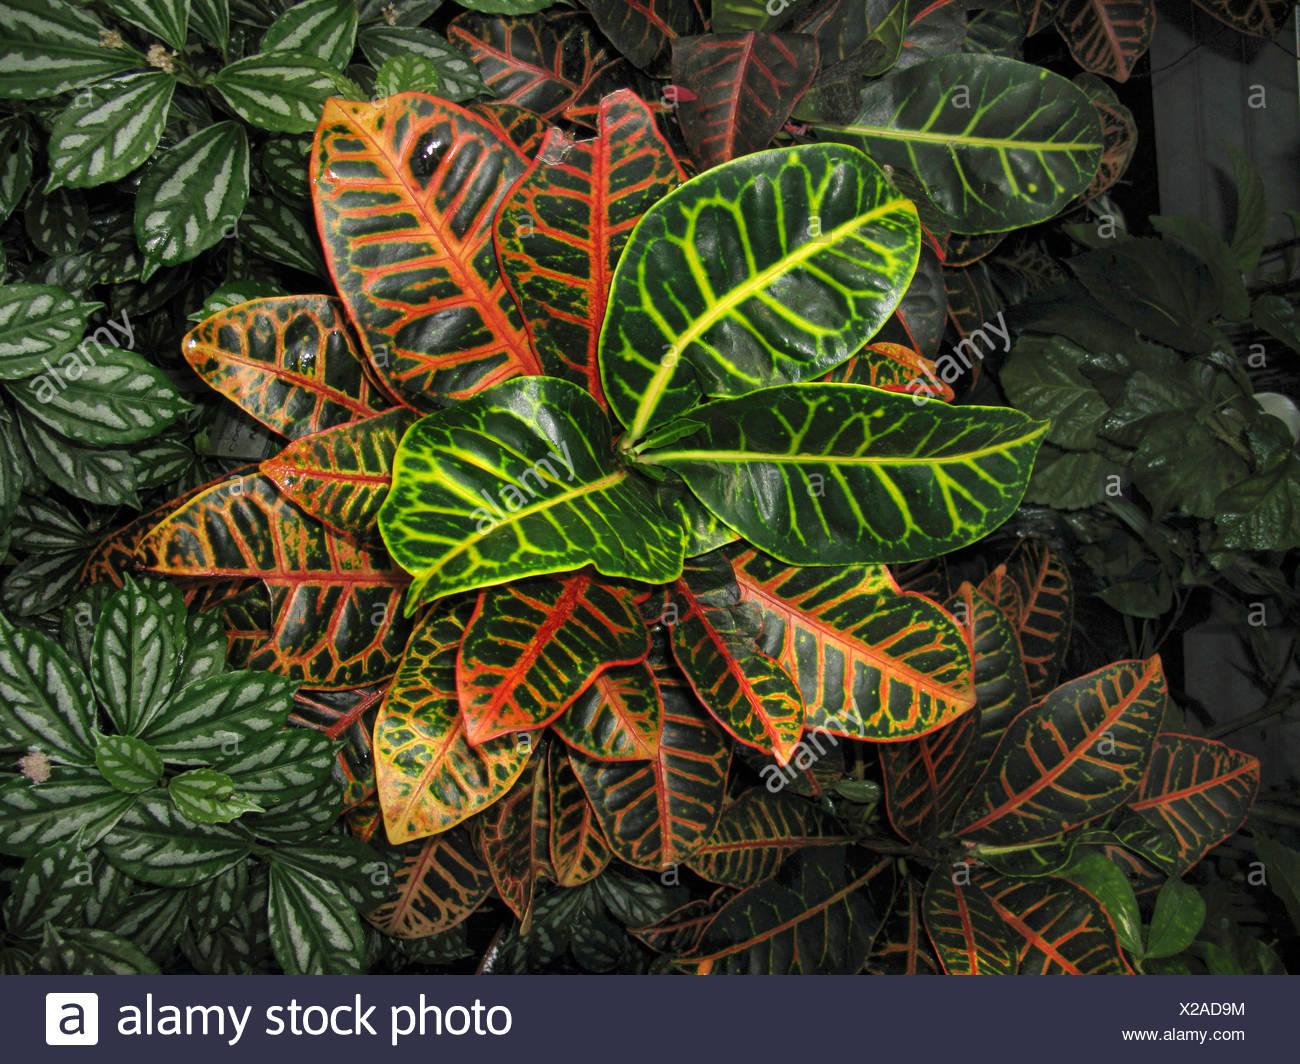 Croton (Codiaeum variegatum var. pictum), from above - Stock Image